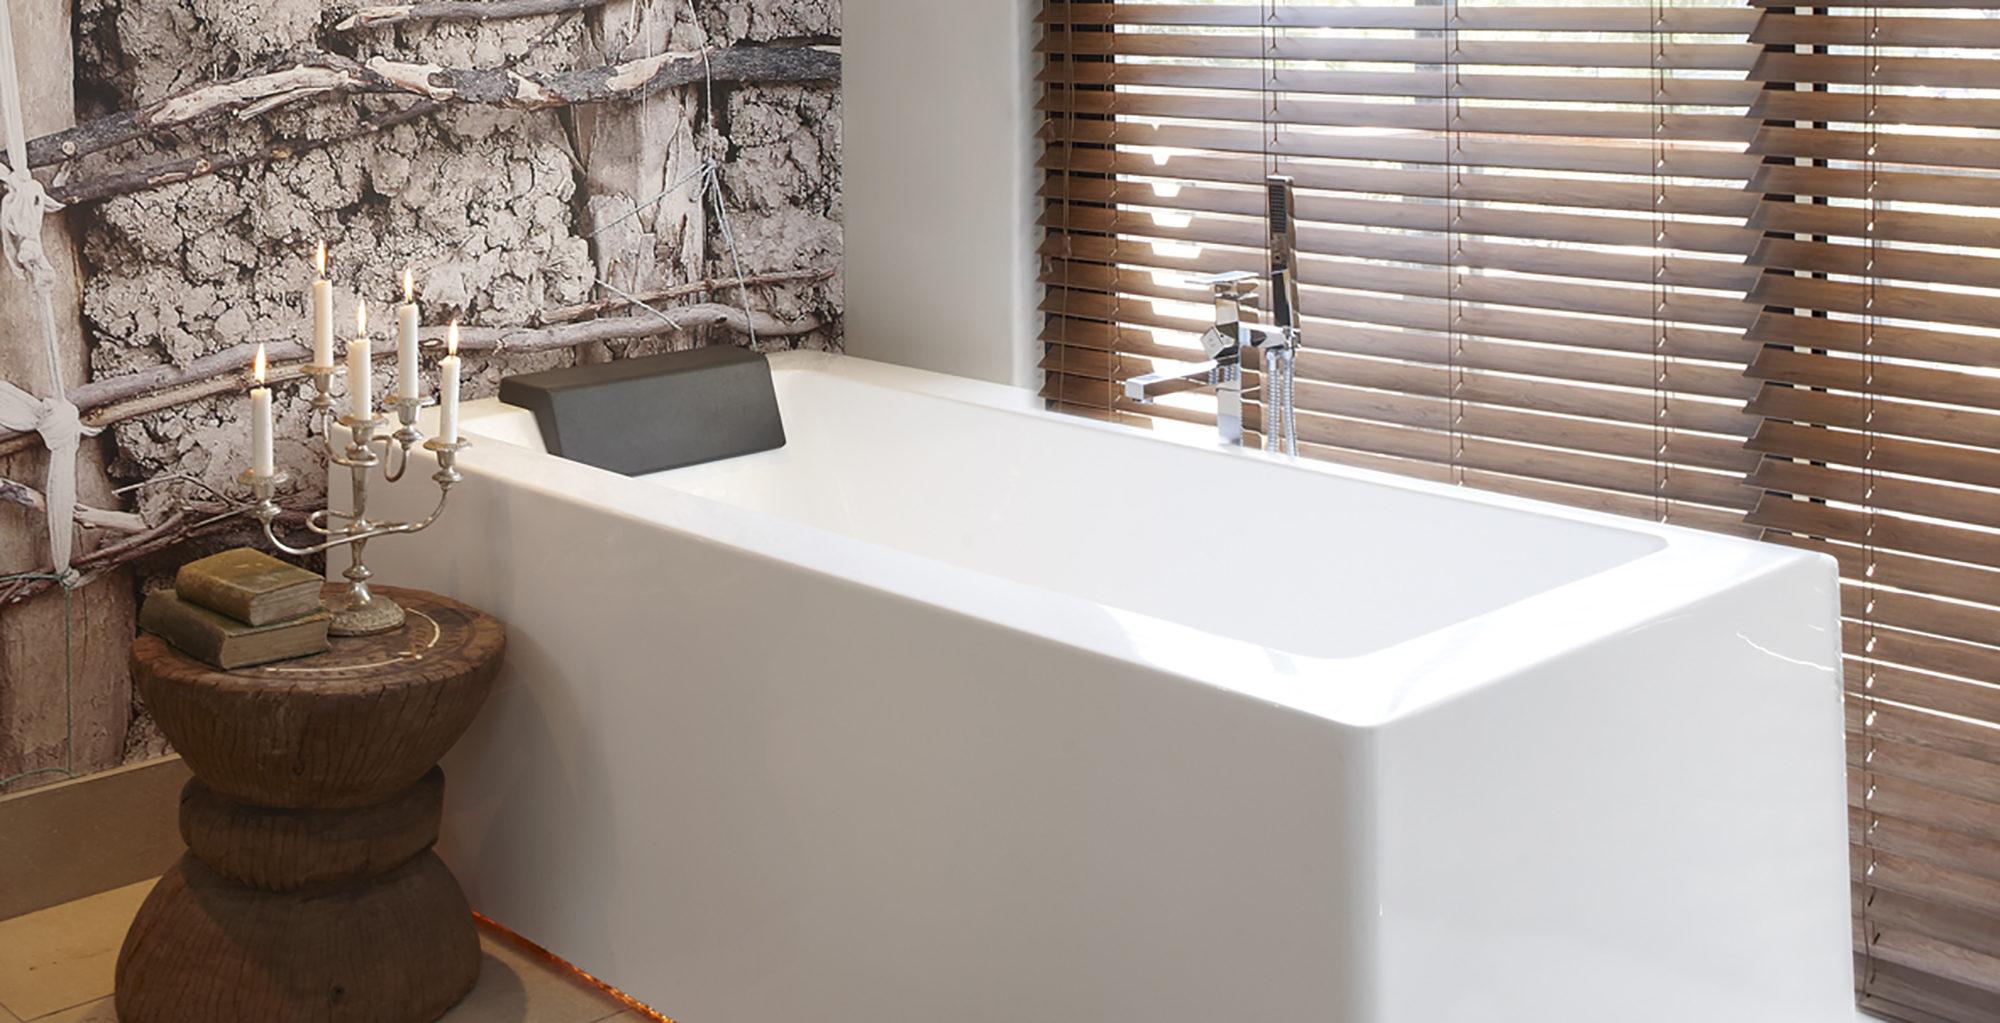 Namibia-Olive-Exclusive-Bathroom